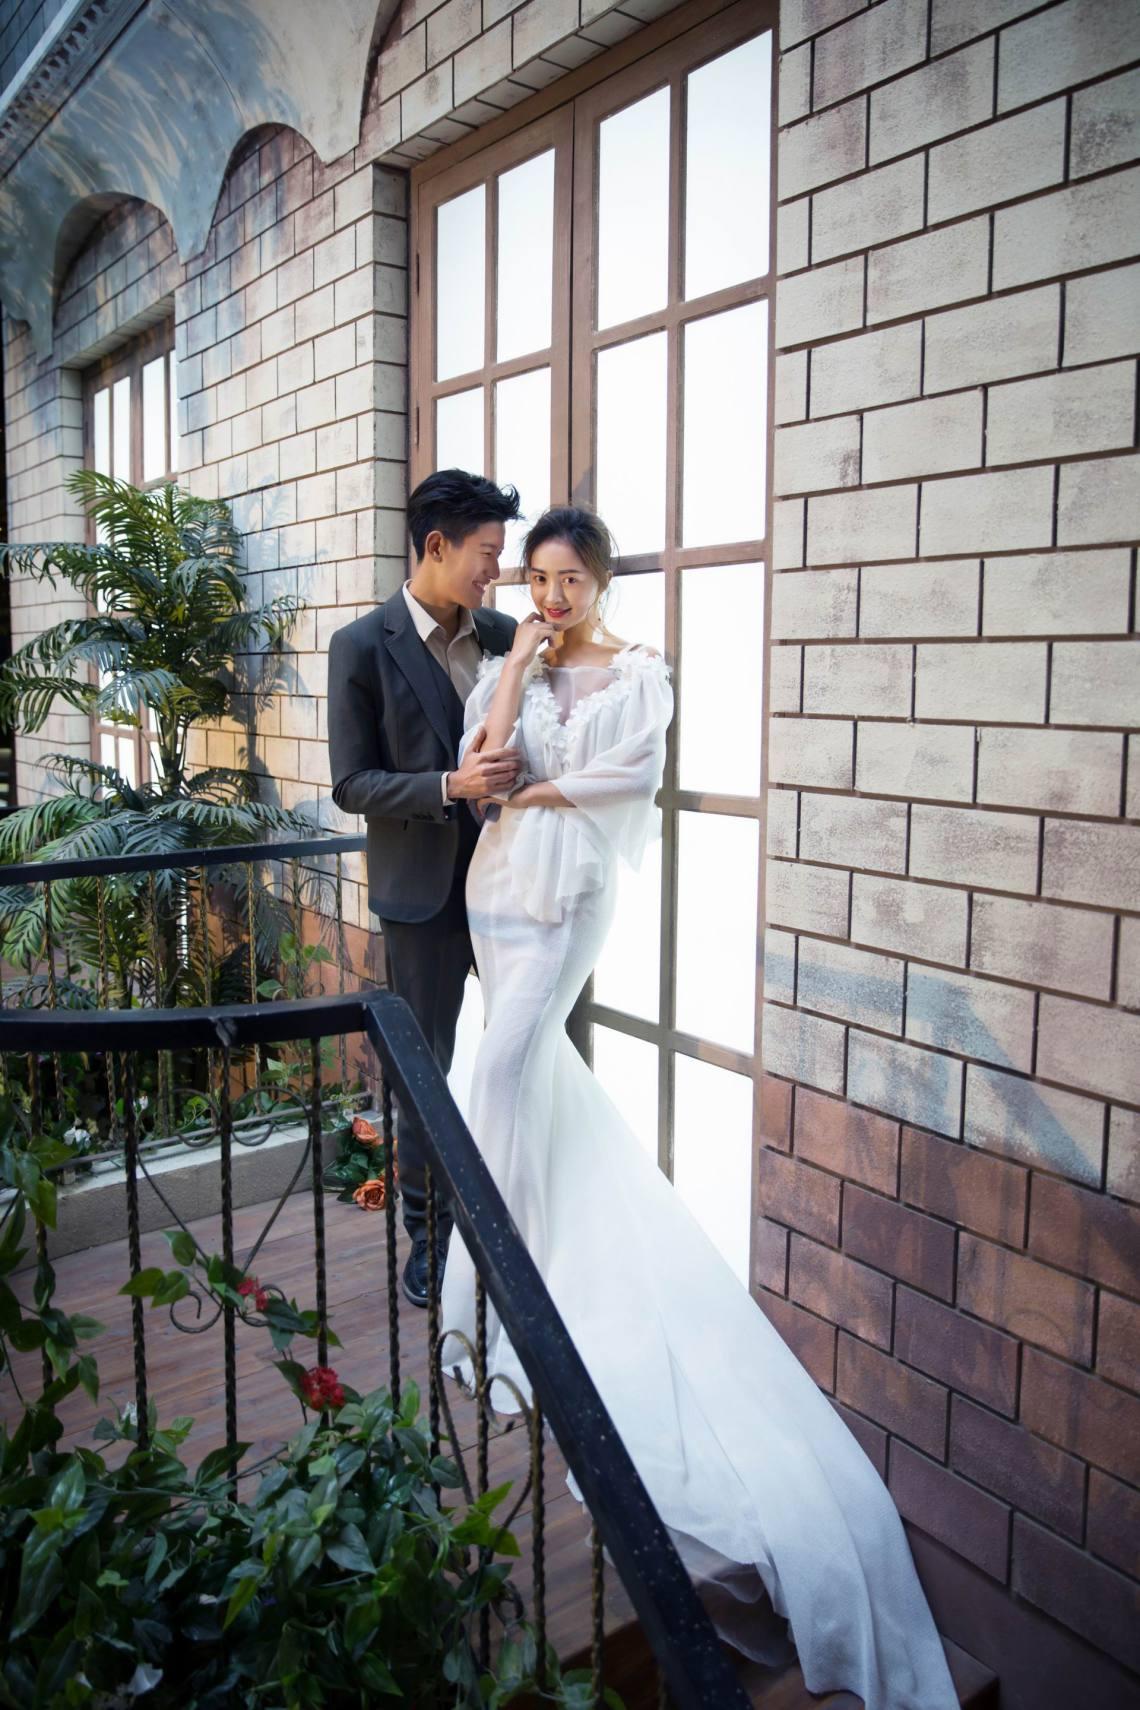 海外婚紗,日照拍婚紗,海外婚紗推薦,海外婚紗2020,a35